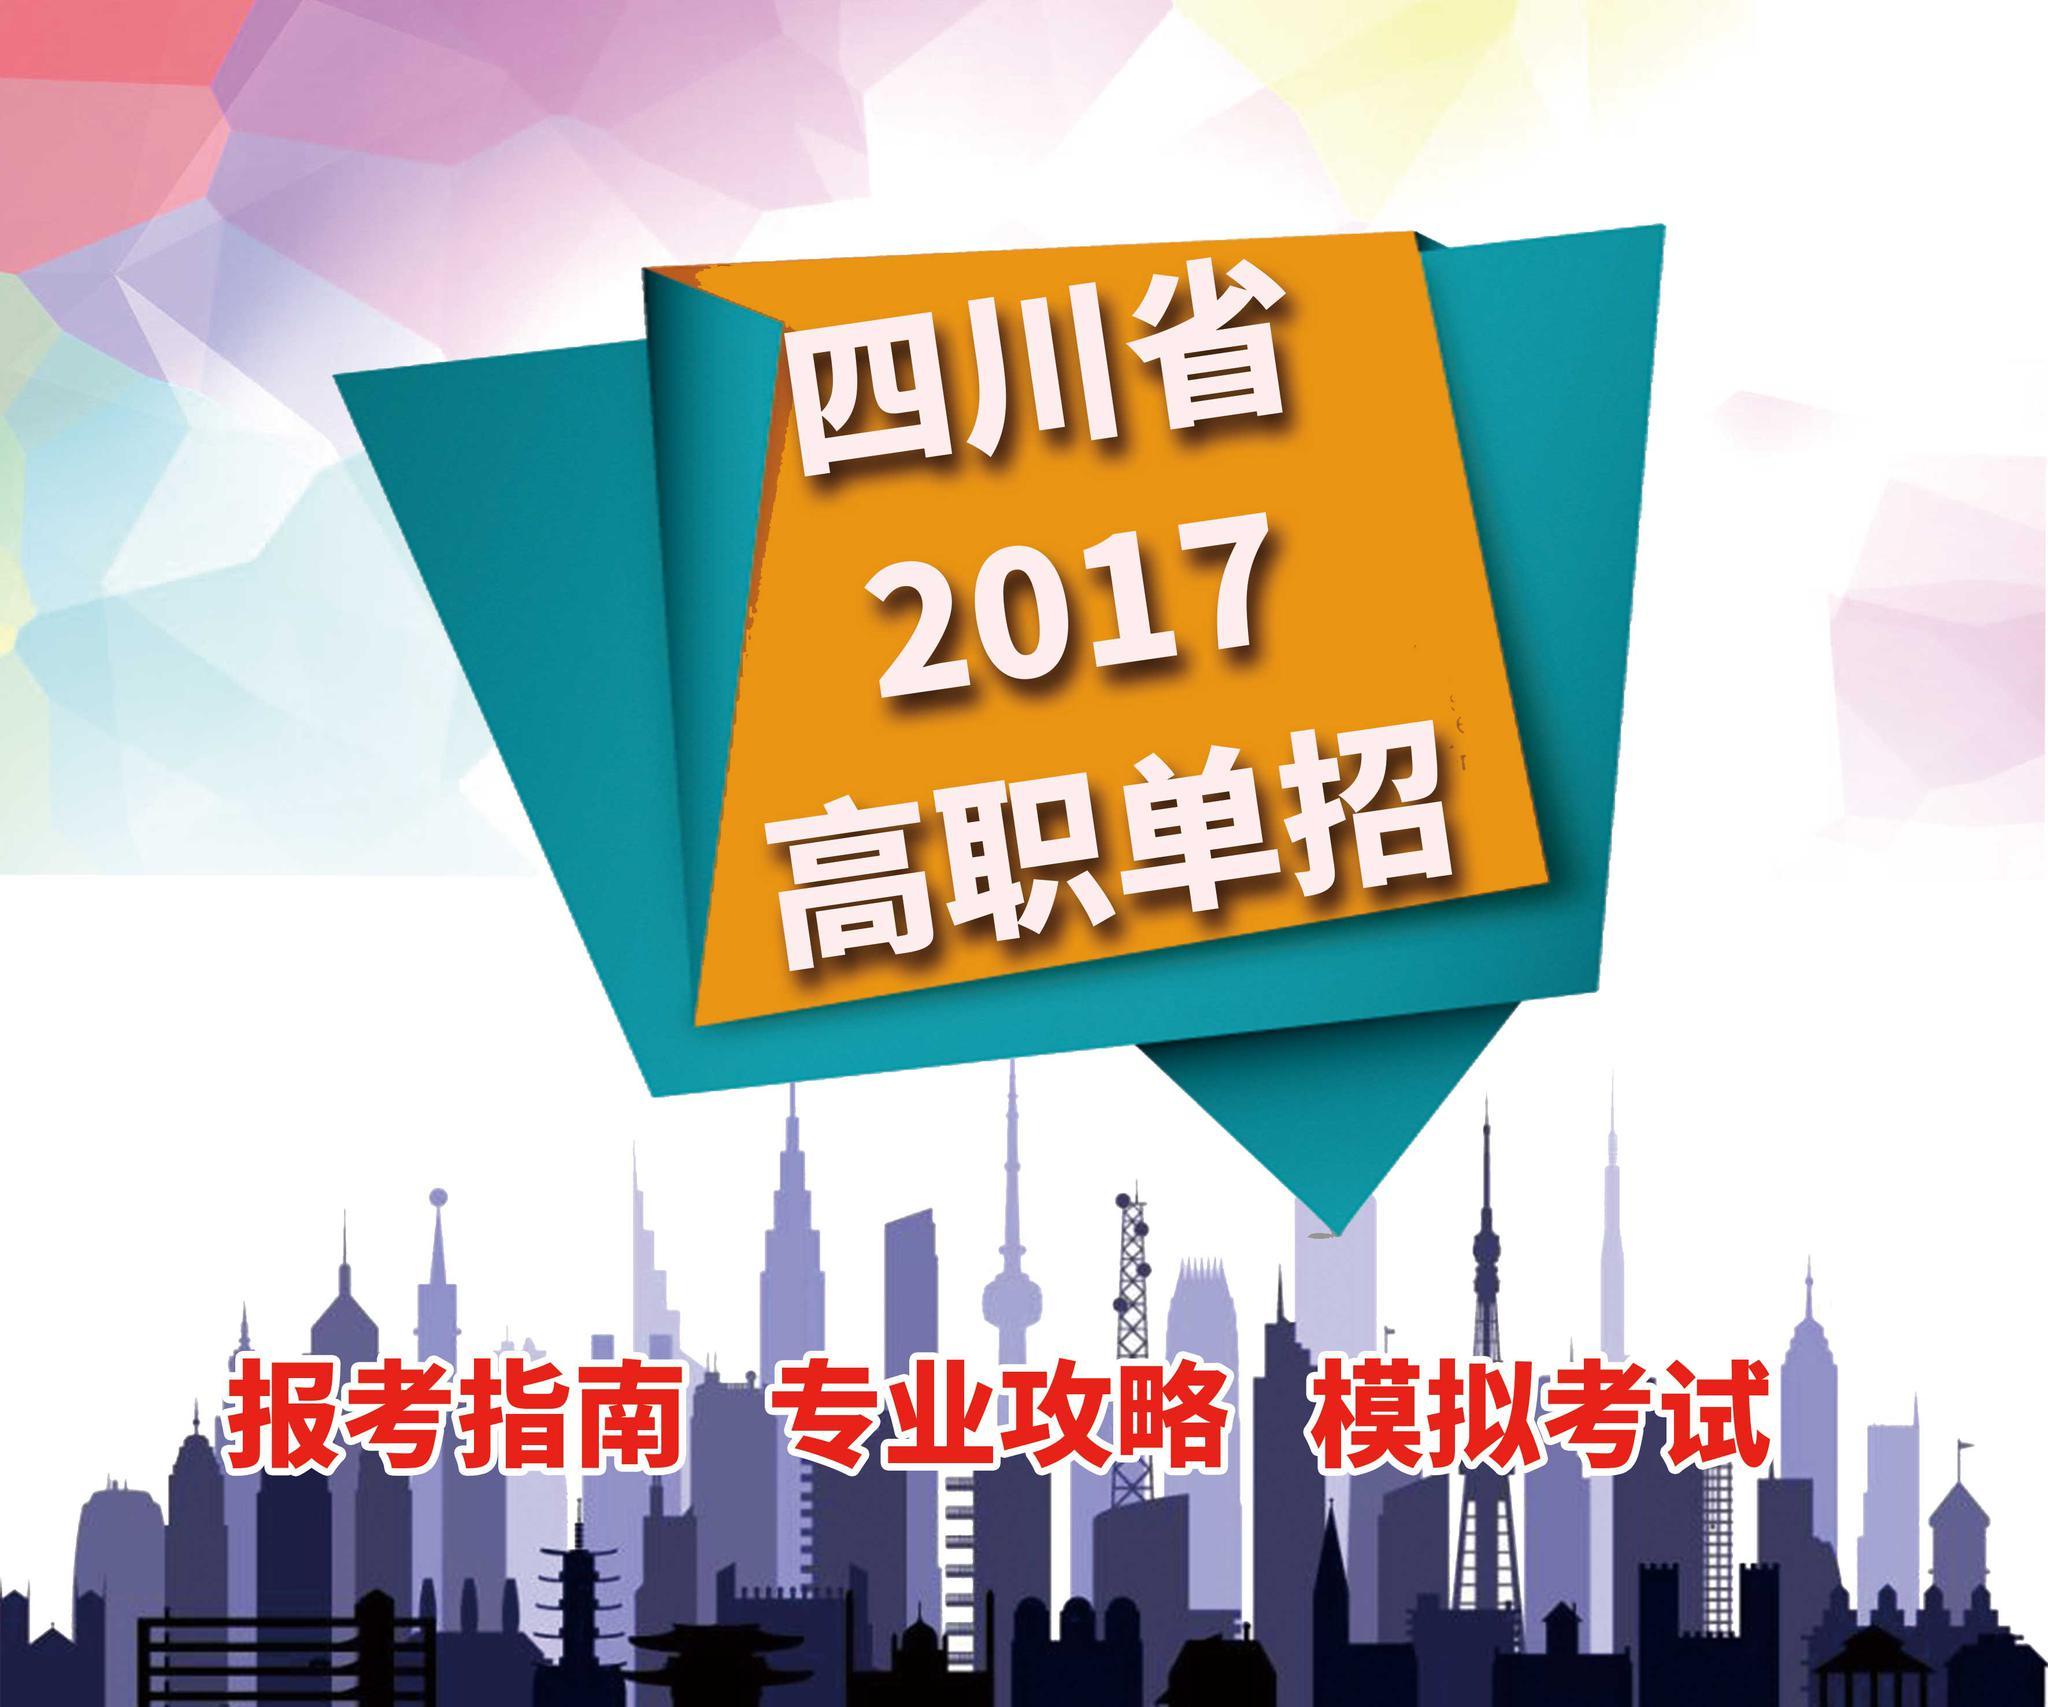 四川省2017高职单招启动